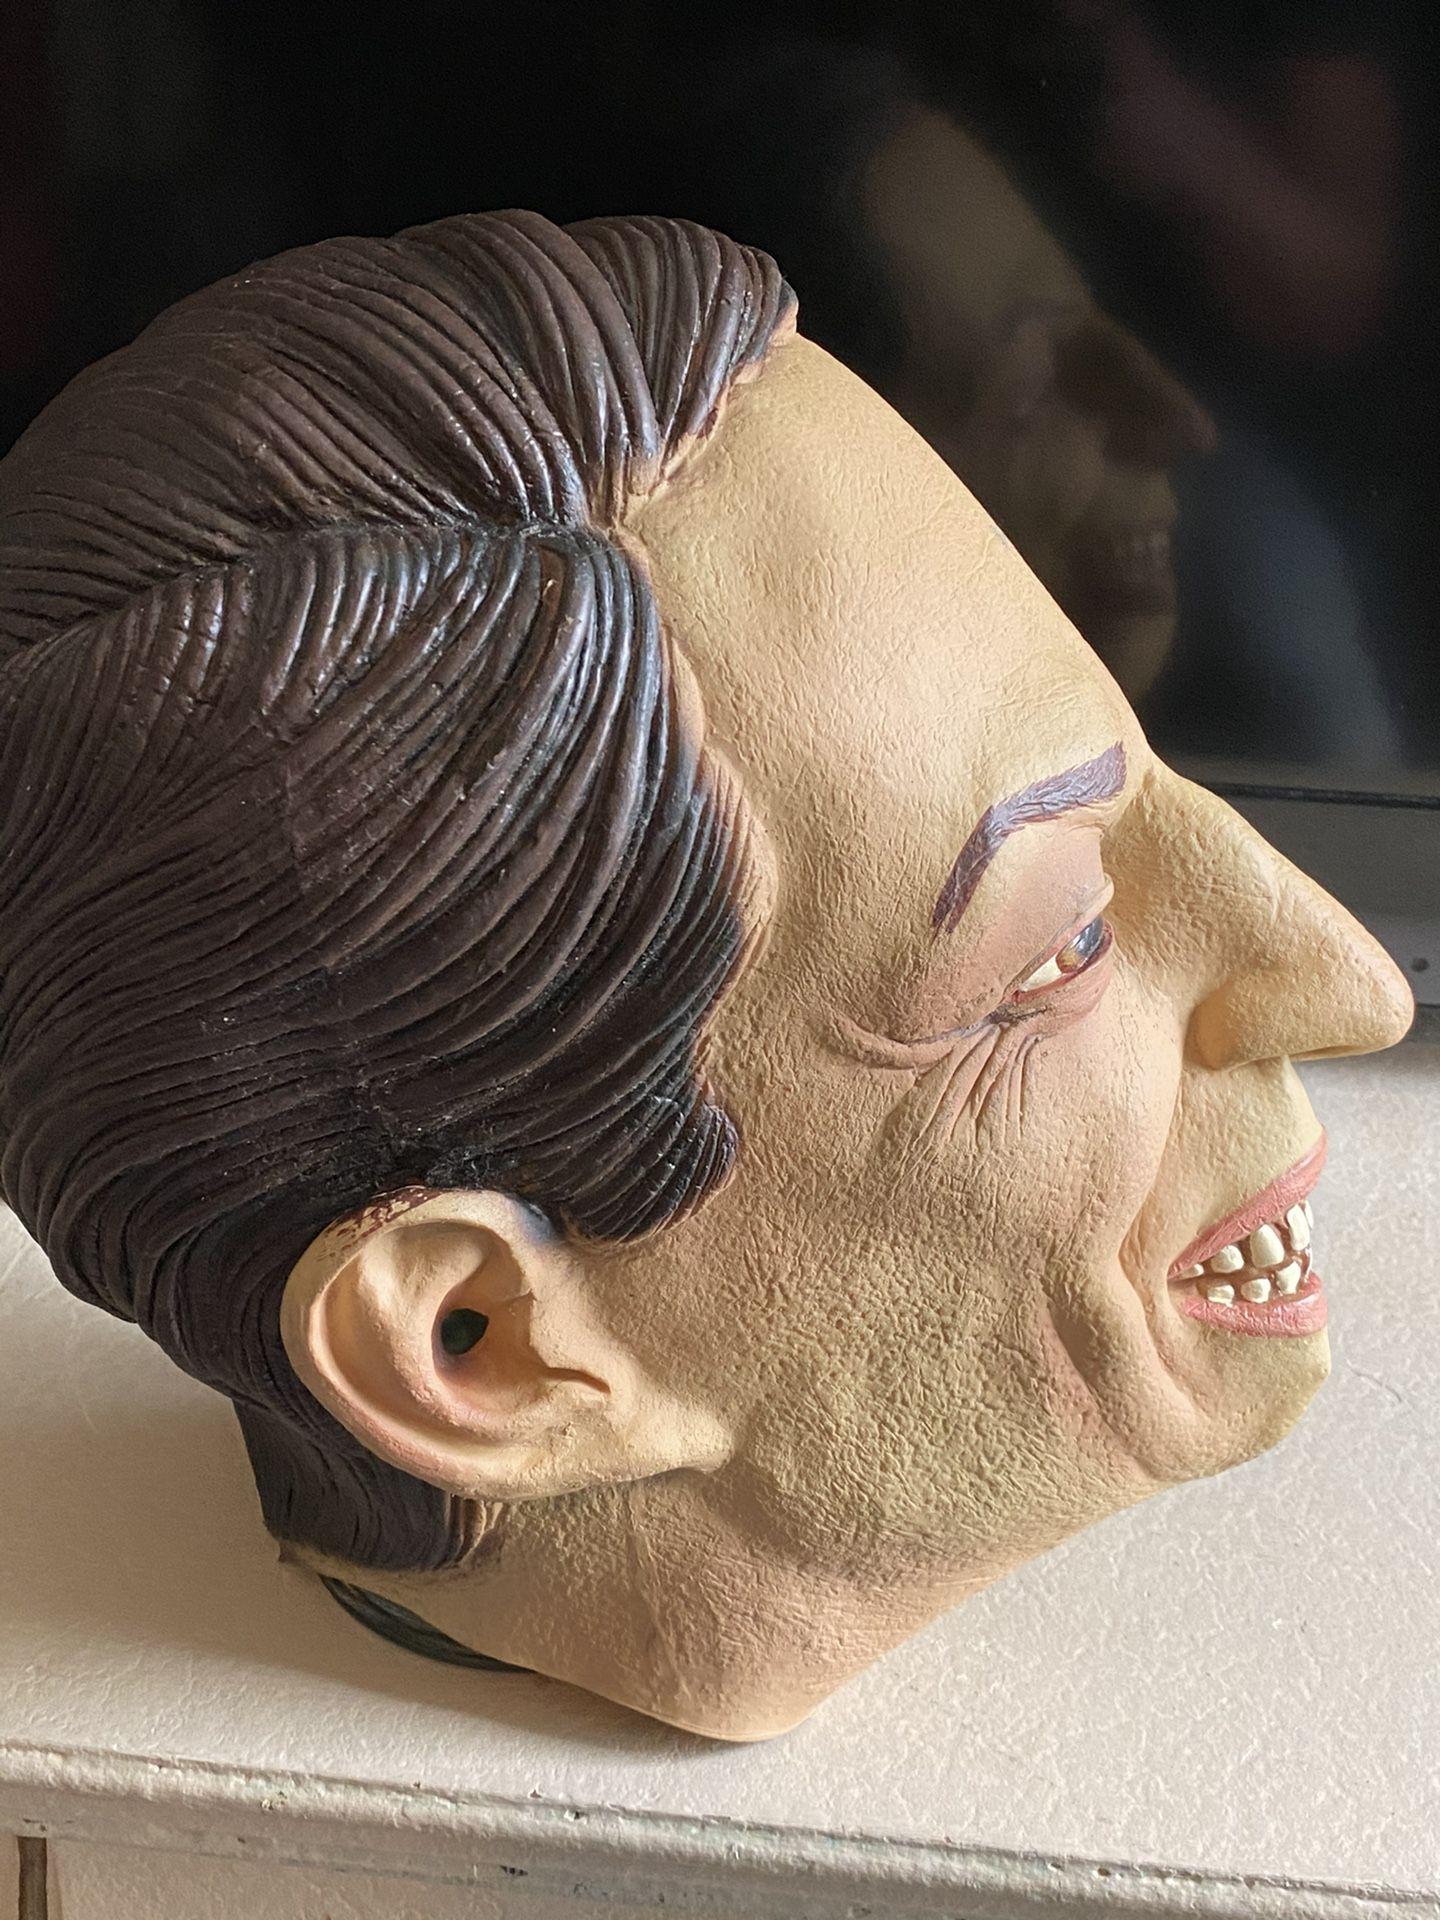 Rubber Al Gore Mask